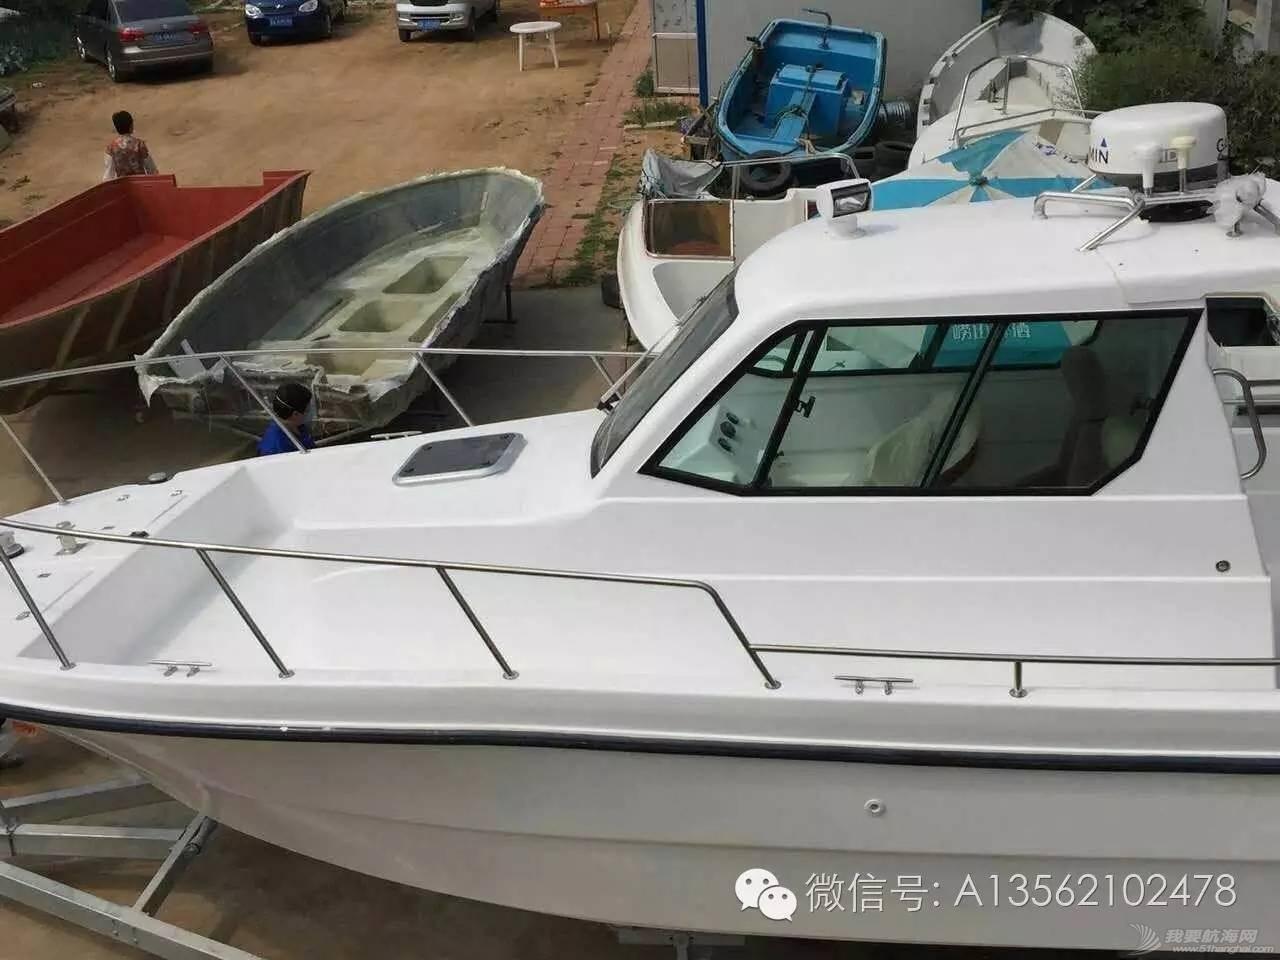 玻璃钢,专业 荣晟RS920专业钓鱼艇 5.jpg